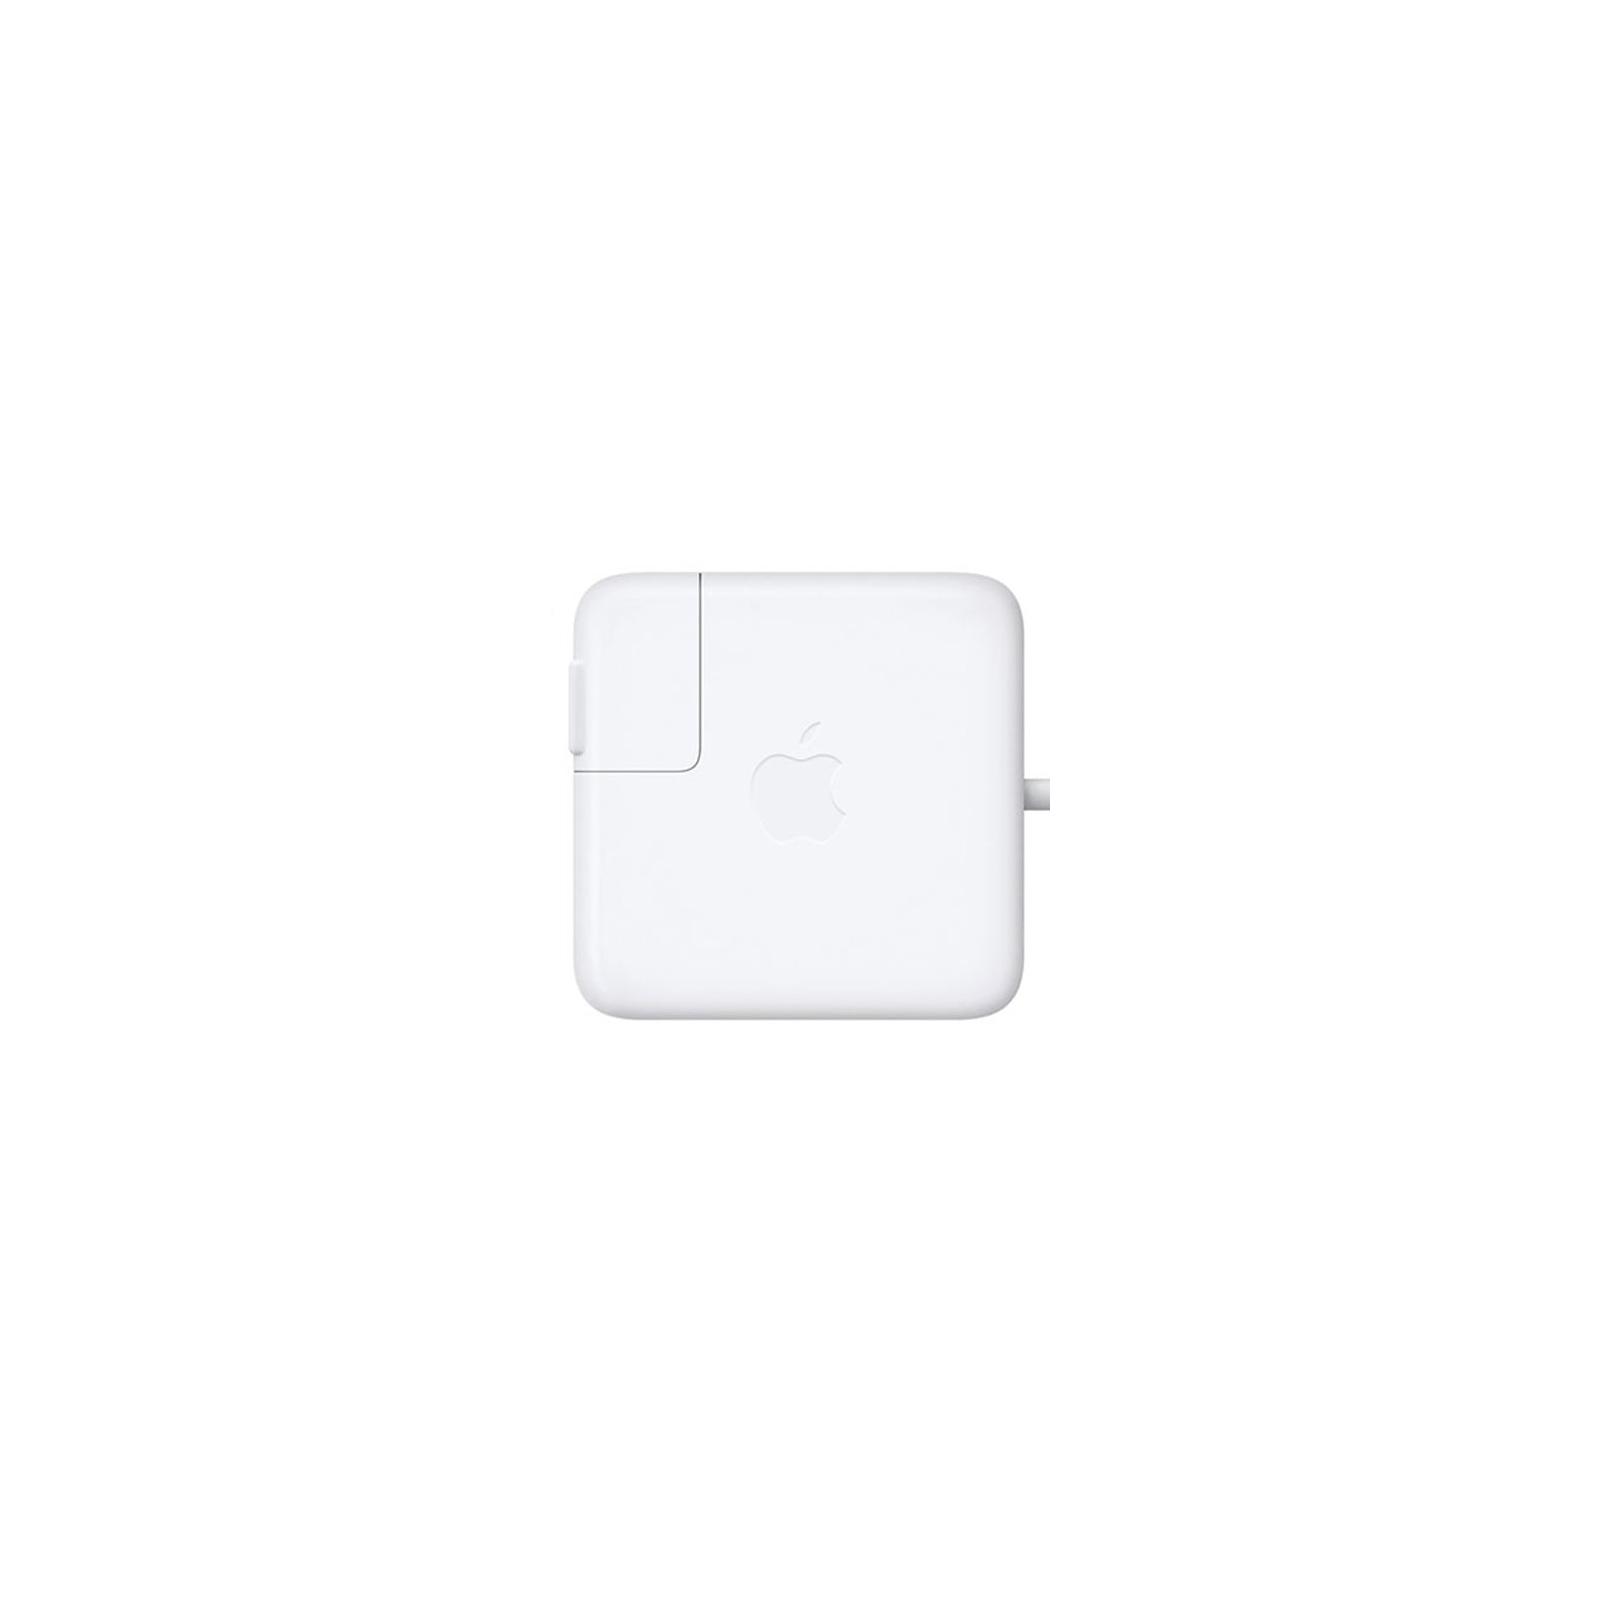 Блок питания к ноутбуку Apple 85W MagSafe 2 Power Adapter (MD506Z/A) изображение 3